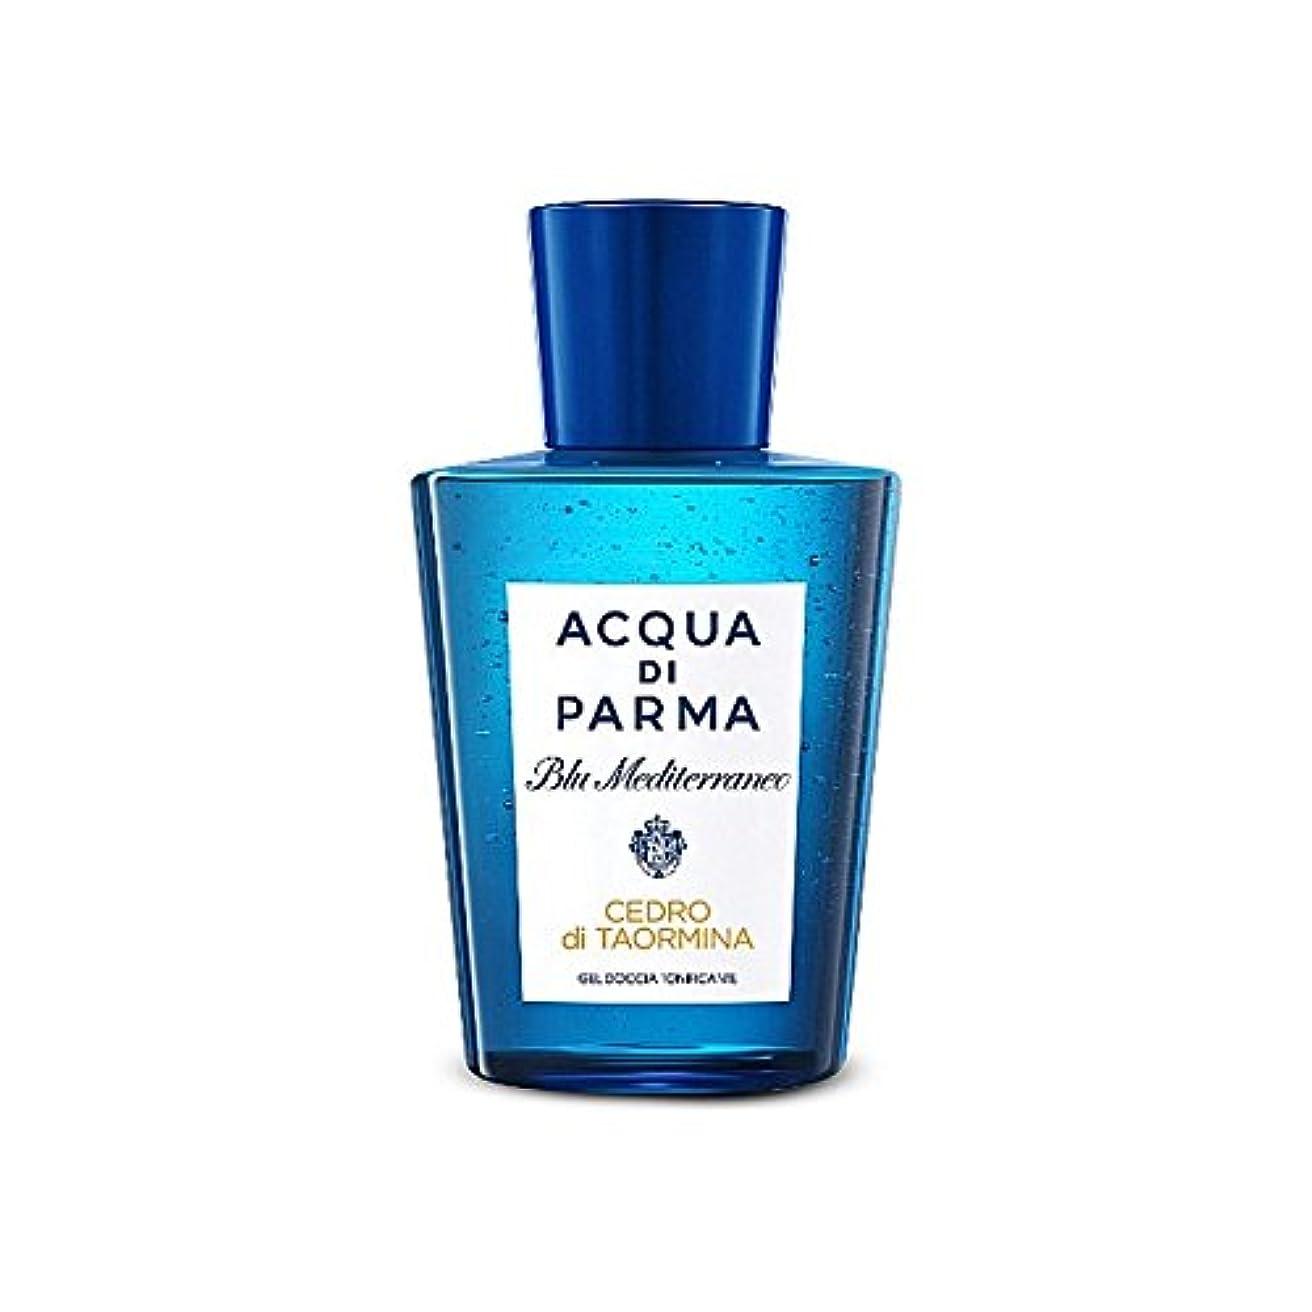 ヘアダイバー文献アクアディパルマディミーナシャワージェル200 x4 - Acqua Di Parma Cedro Di Taormina Shower Gel 200ml (Pack of 4) [並行輸入品]